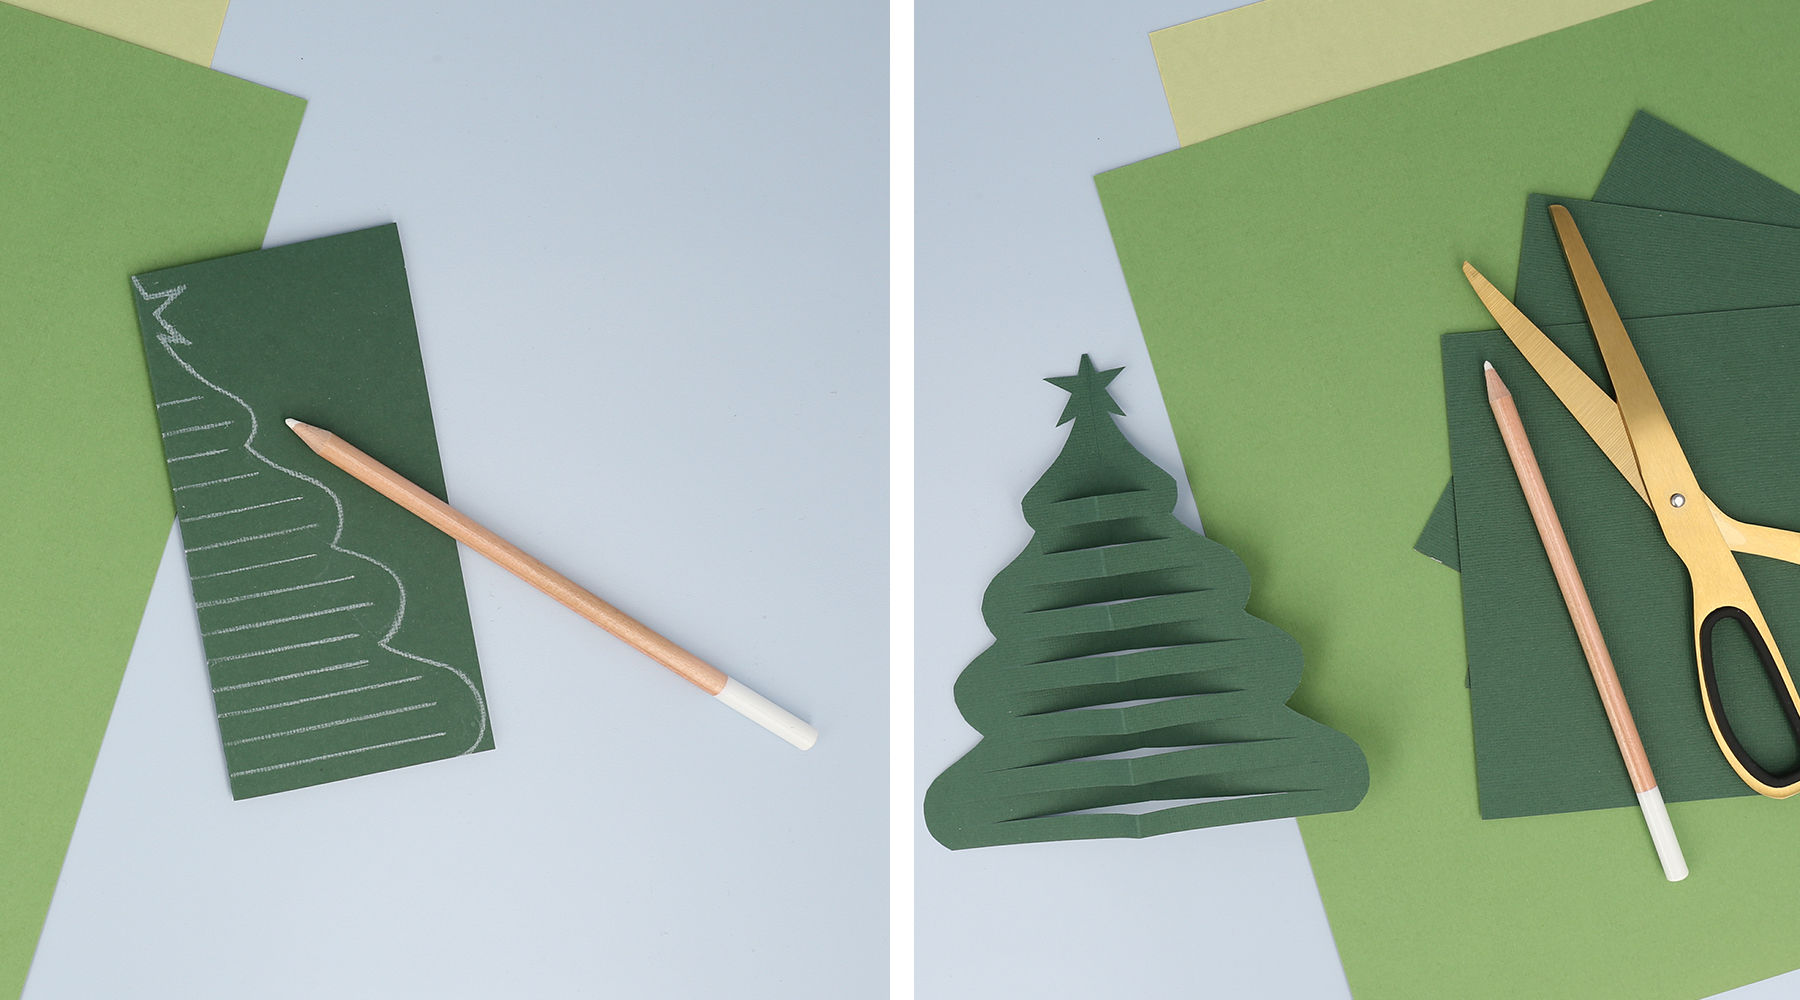 Zeichne und schneide einen schönen Weihnachtsbaum